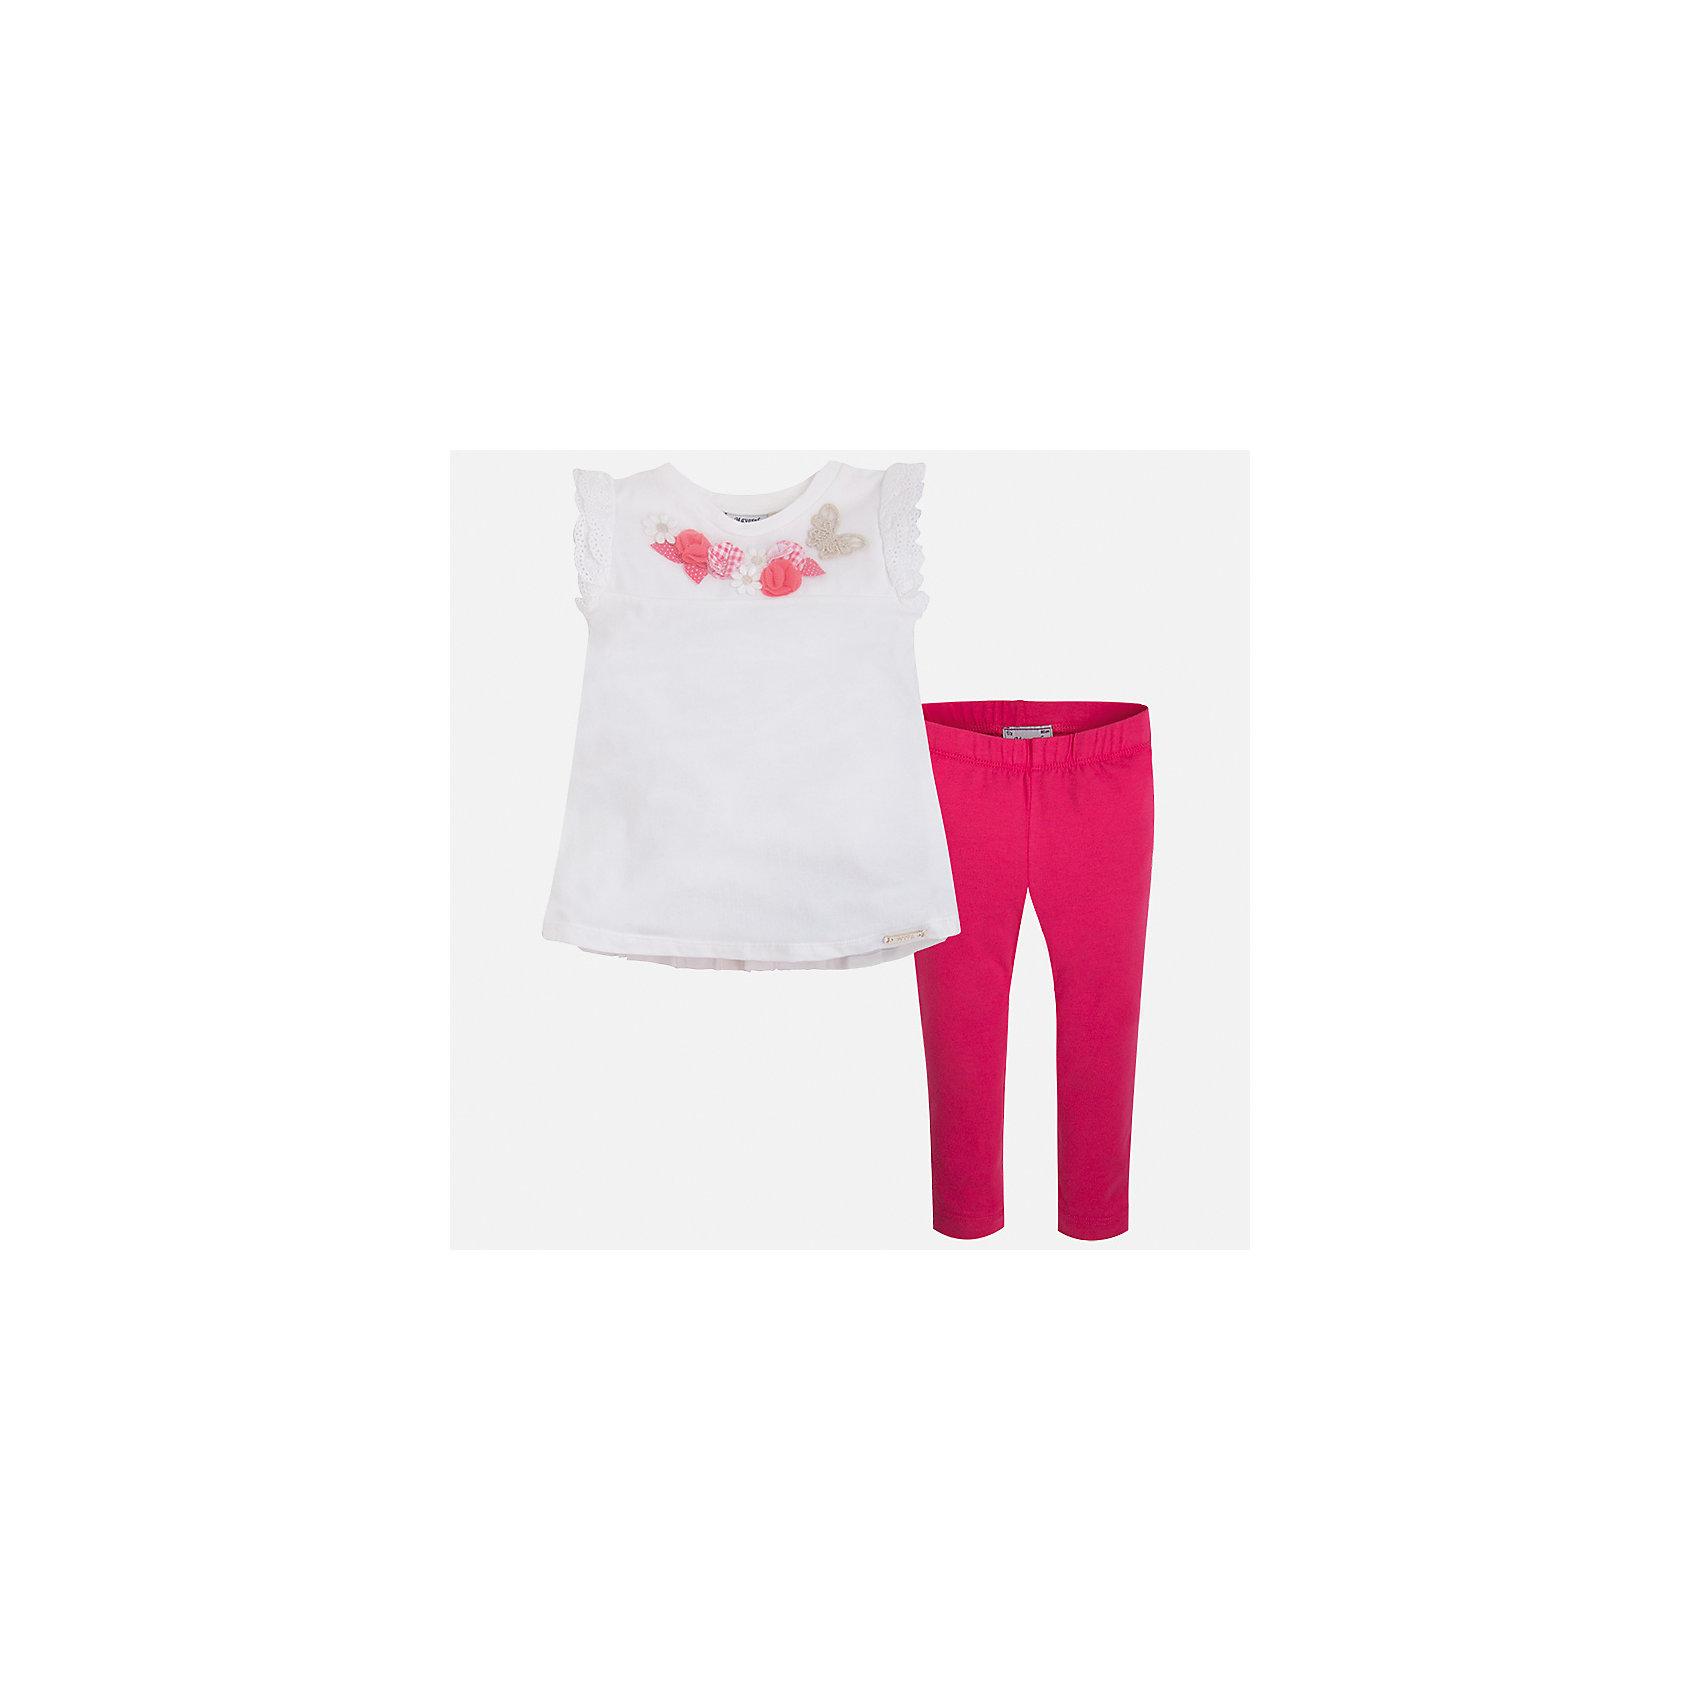 Комплект: футболка и леггинсы для девочки MayoralКомплекты<br>Характеристики товара:<br><br>• цвет: белый/розовый<br>• состав: 95% хлопок, 5% эластан<br>• комплектация: футболка, леггинсы<br>• футболка декорирована принтом и оборками<br>• леггинсы однотонные<br>• пояс на резинке<br>• страна бренда: Испания<br><br>Красивый качественный комплект для девочки поможет разнообразить гардероб ребенка и удобно одеться в теплую погоду. Он отлично сочетается с другими предметами. Универсальный цвет позволяет подобрать к вещам верхнюю одежду практически любой расцветки. Интересная отделка модели делает её нарядной и оригинальной. В составе материала - натуральный хлопок, гипоаллергенный, приятный на ощупь, дышащий.<br><br>Одежда, обувь и аксессуары от испанского бренда Mayoral полюбились детям и взрослым по всему миру. Модели этой марки - стильные и удобные. Для их производства используются только безопасные, качественные материалы и фурнитура. Порадуйте ребенка модными и красивыми вещами от Mayoral! <br><br>Комплект для девочки от испанского бренда Mayoral (Майорал) можно купить в нашем интернет-магазине.<br><br>Ширина мм: 123<br>Глубина мм: 10<br>Высота мм: 149<br>Вес г: 209<br>Цвет: красный<br>Возраст от месяцев: 18<br>Возраст до месяцев: 24<br>Пол: Женский<br>Возраст: Детский<br>Размер: 92,134,128,122,116,110,104,98<br>SKU: 5290568